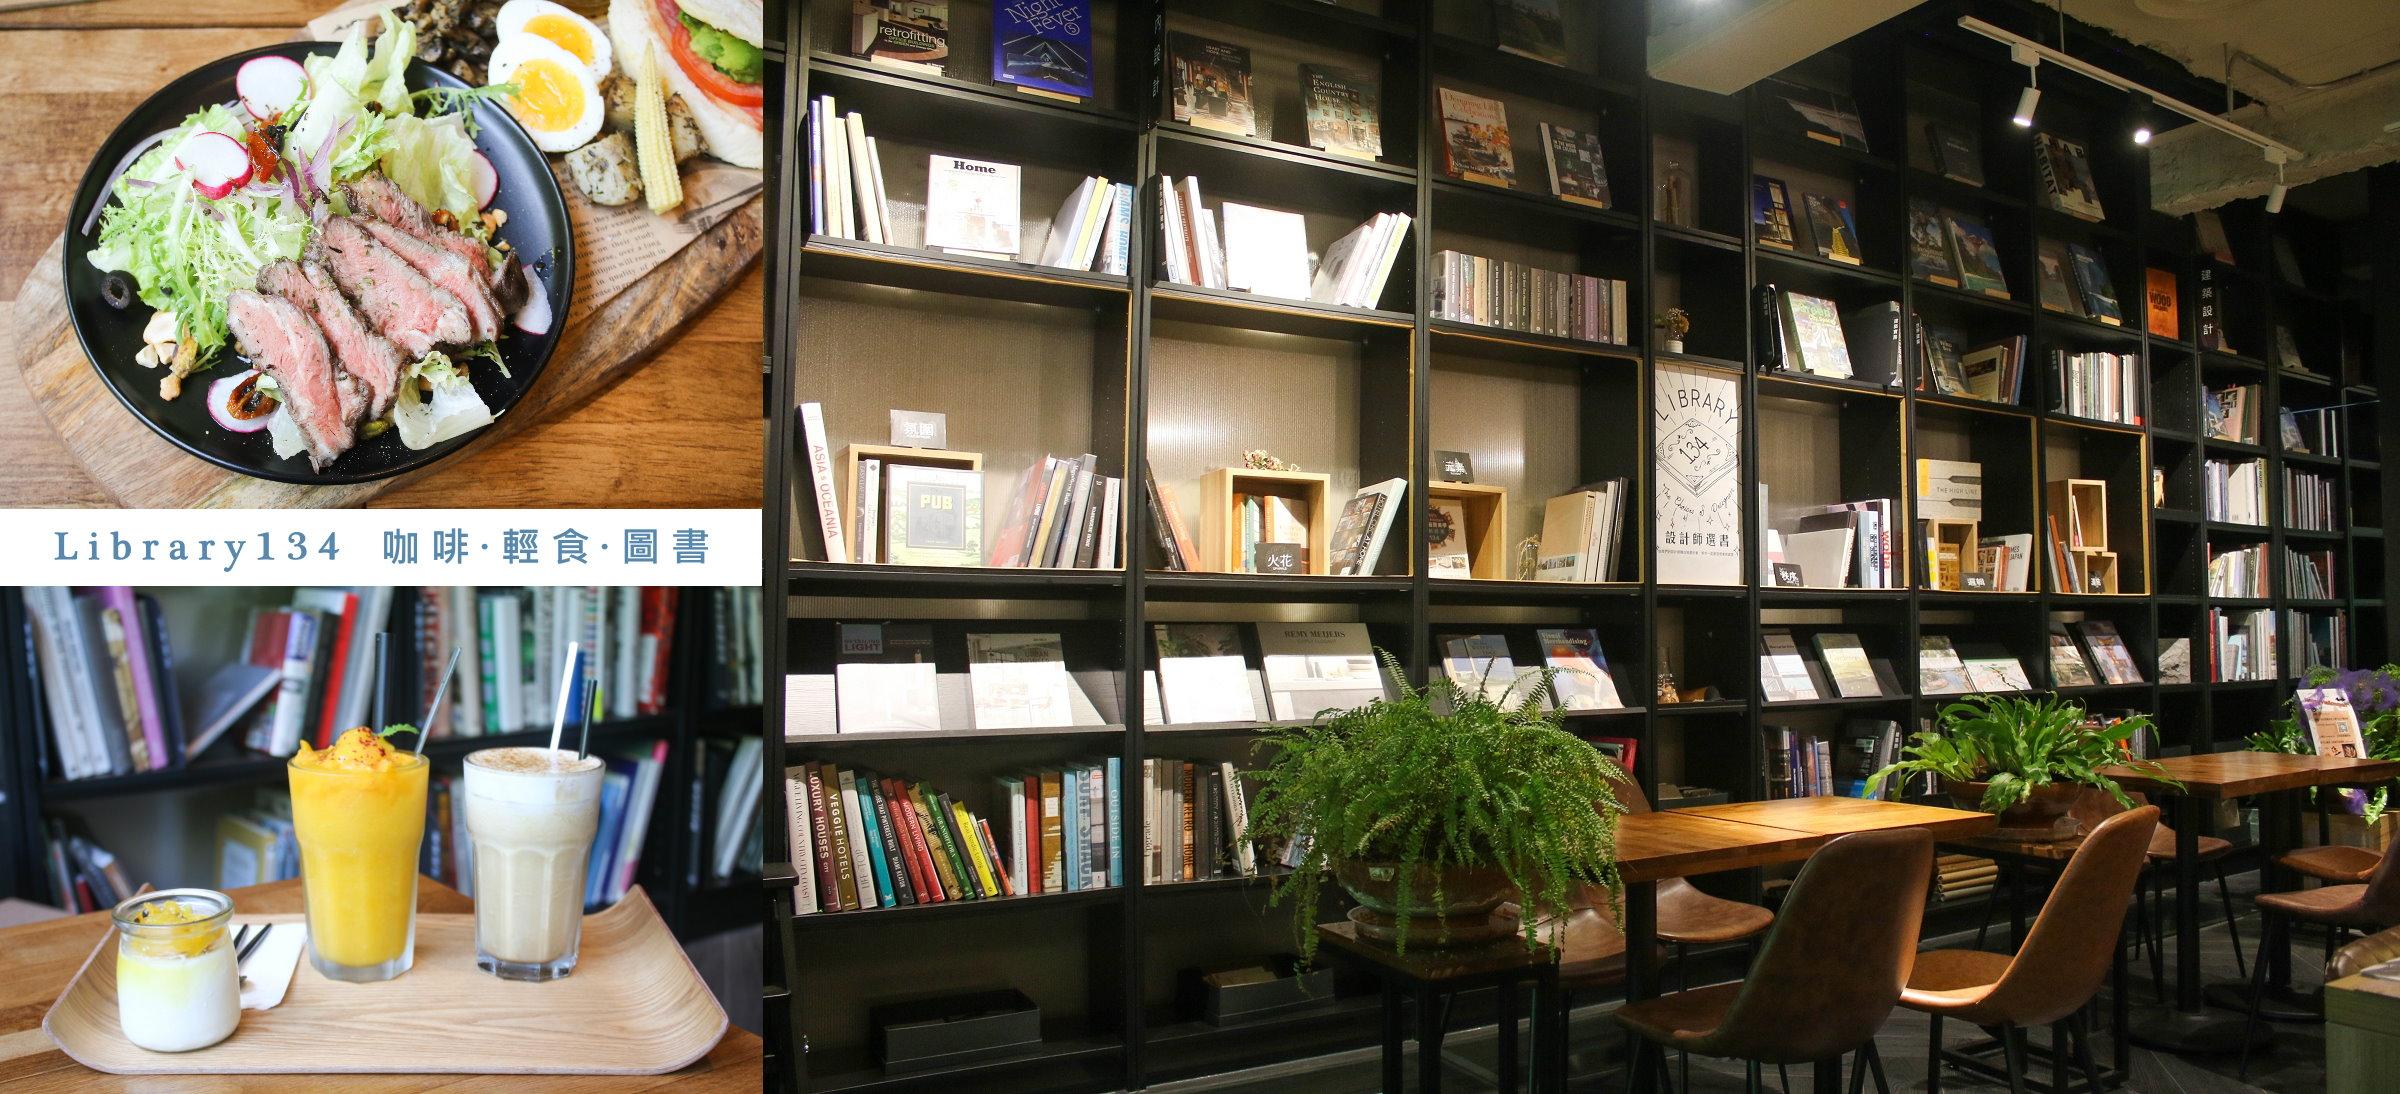 Library134 在設計圖書館內享受文青氛圍與美食!【捷運南京復興】 @J&A的旅行